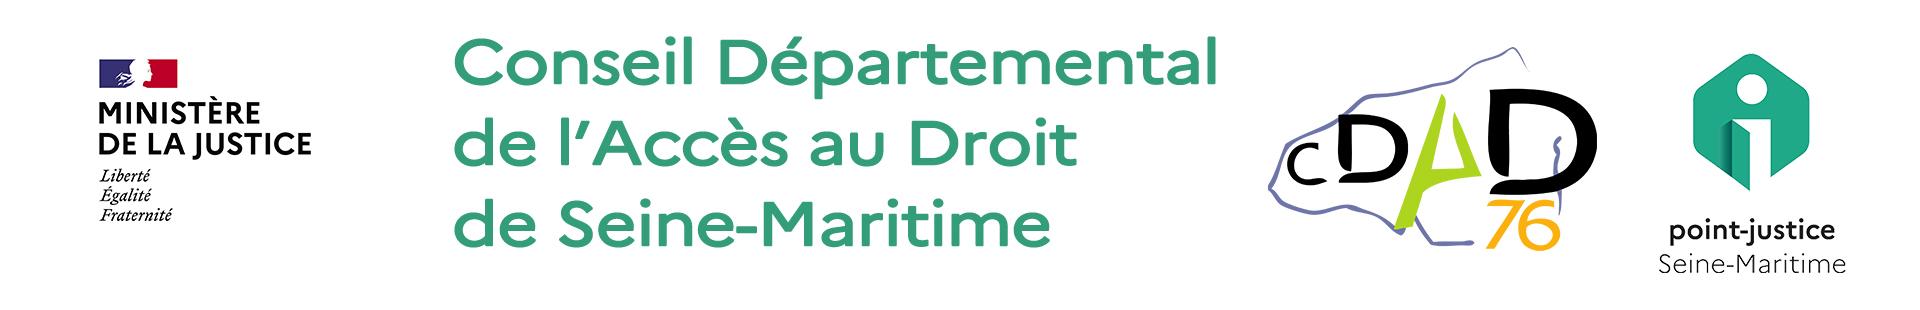 Conseil Départemental de l'Accès au droit de Seine-Maritime